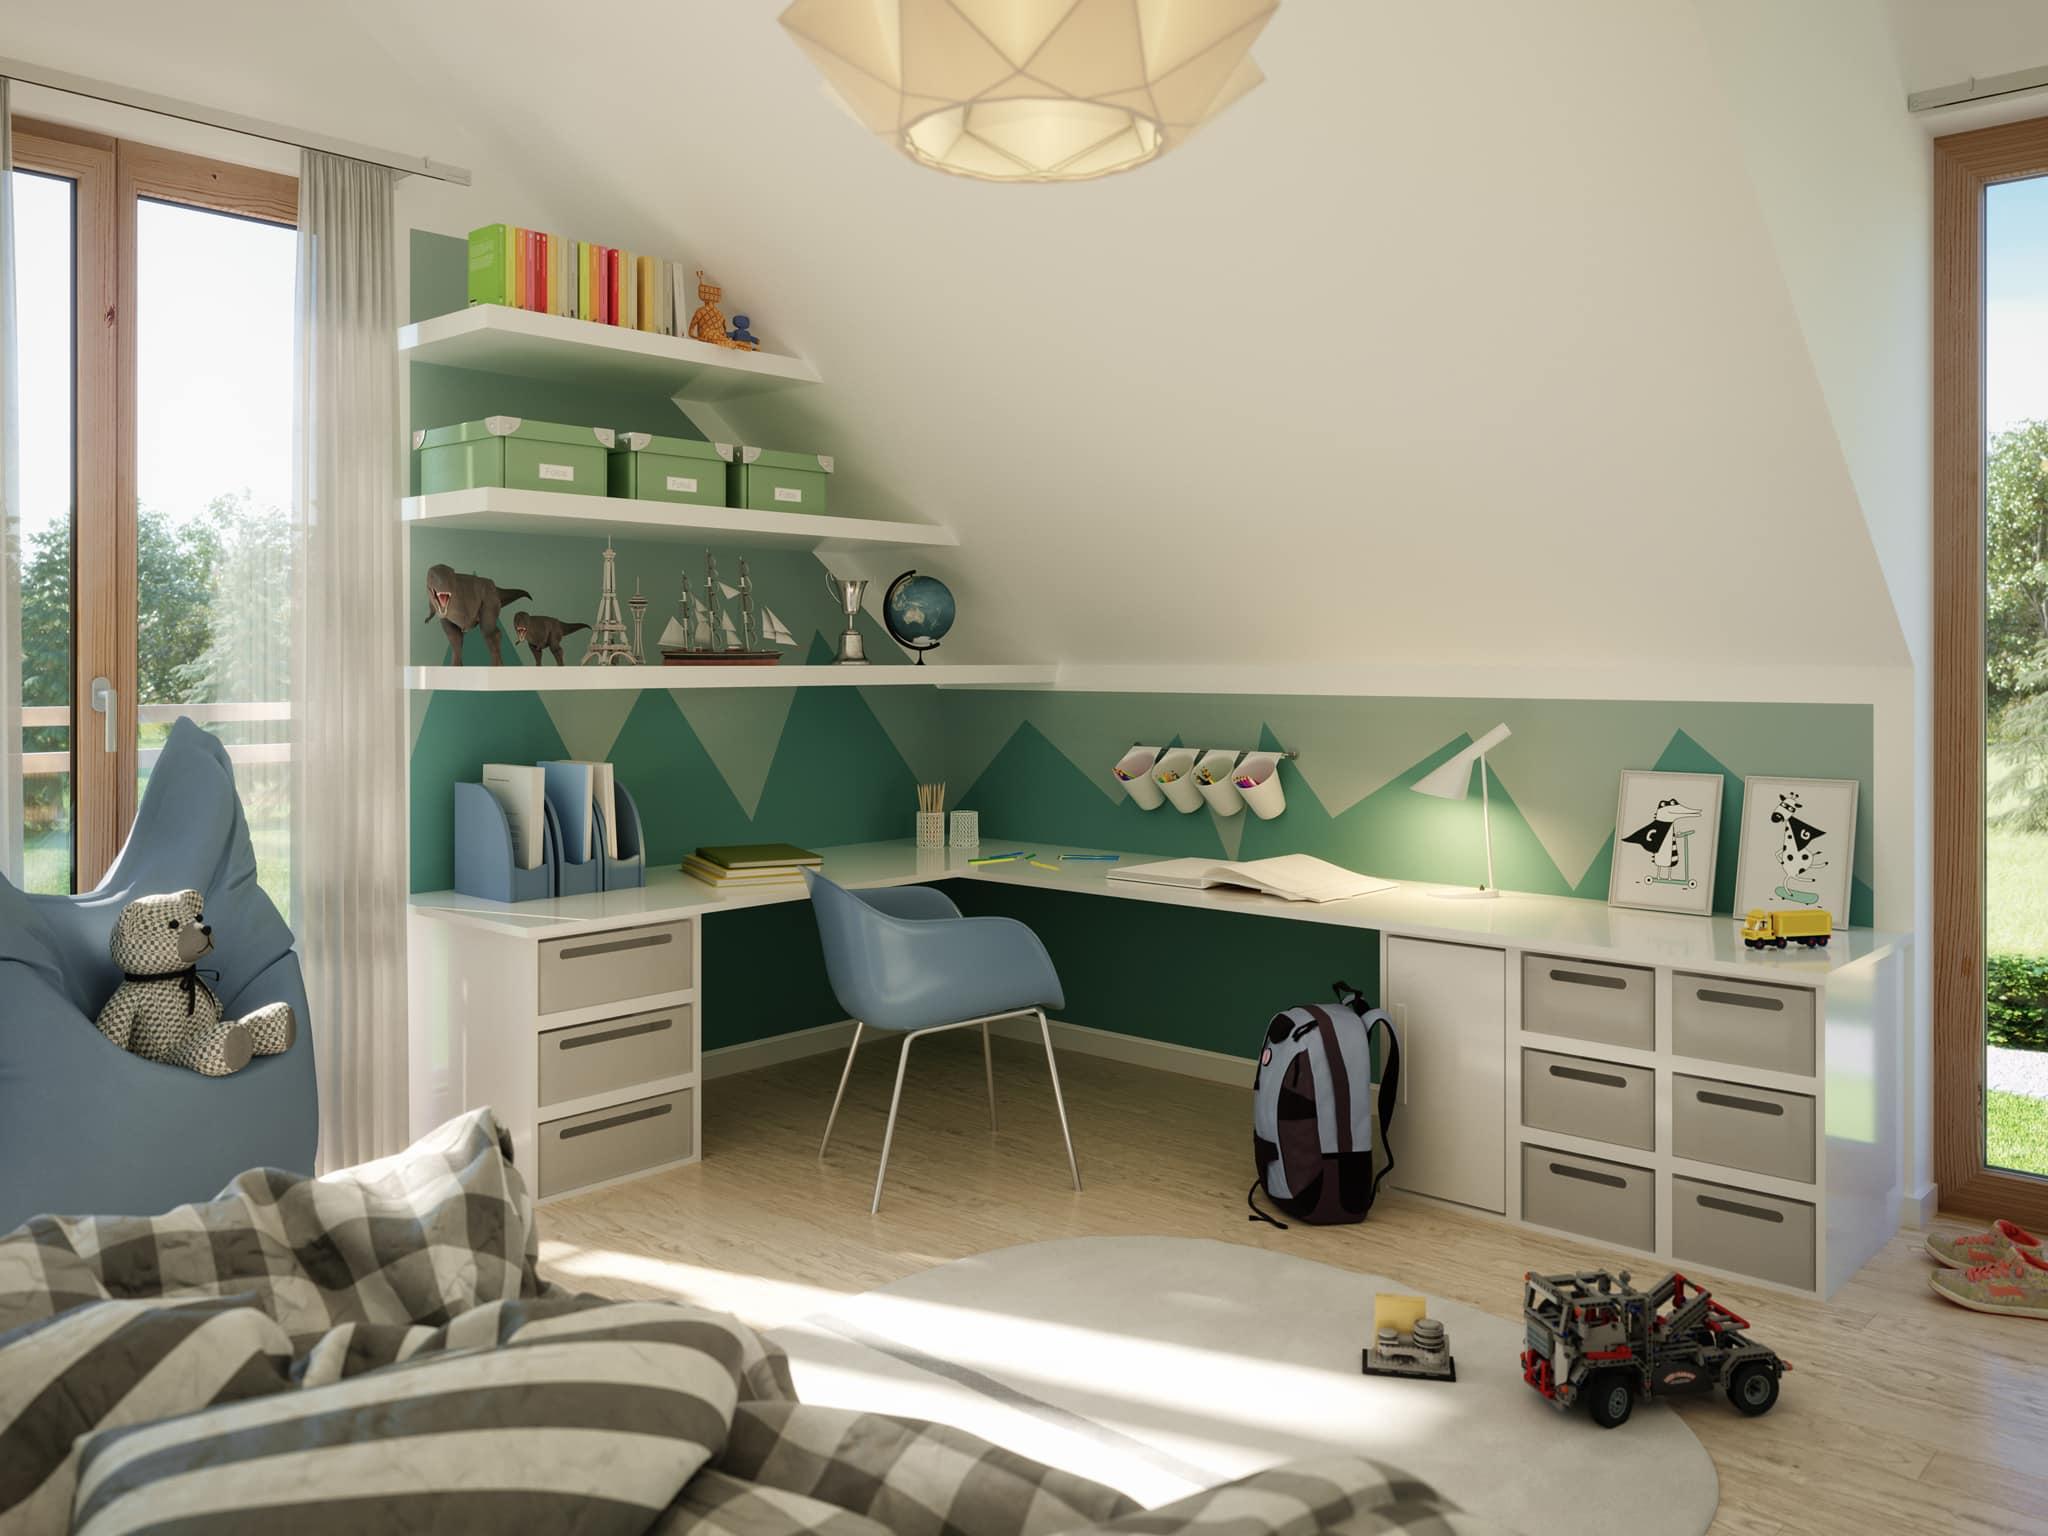 Kinderzimmer Ideen - Inneneinrichtung Fertighaus Living Haus SUNSHINE 154 V5 - HausbauDirekt.de